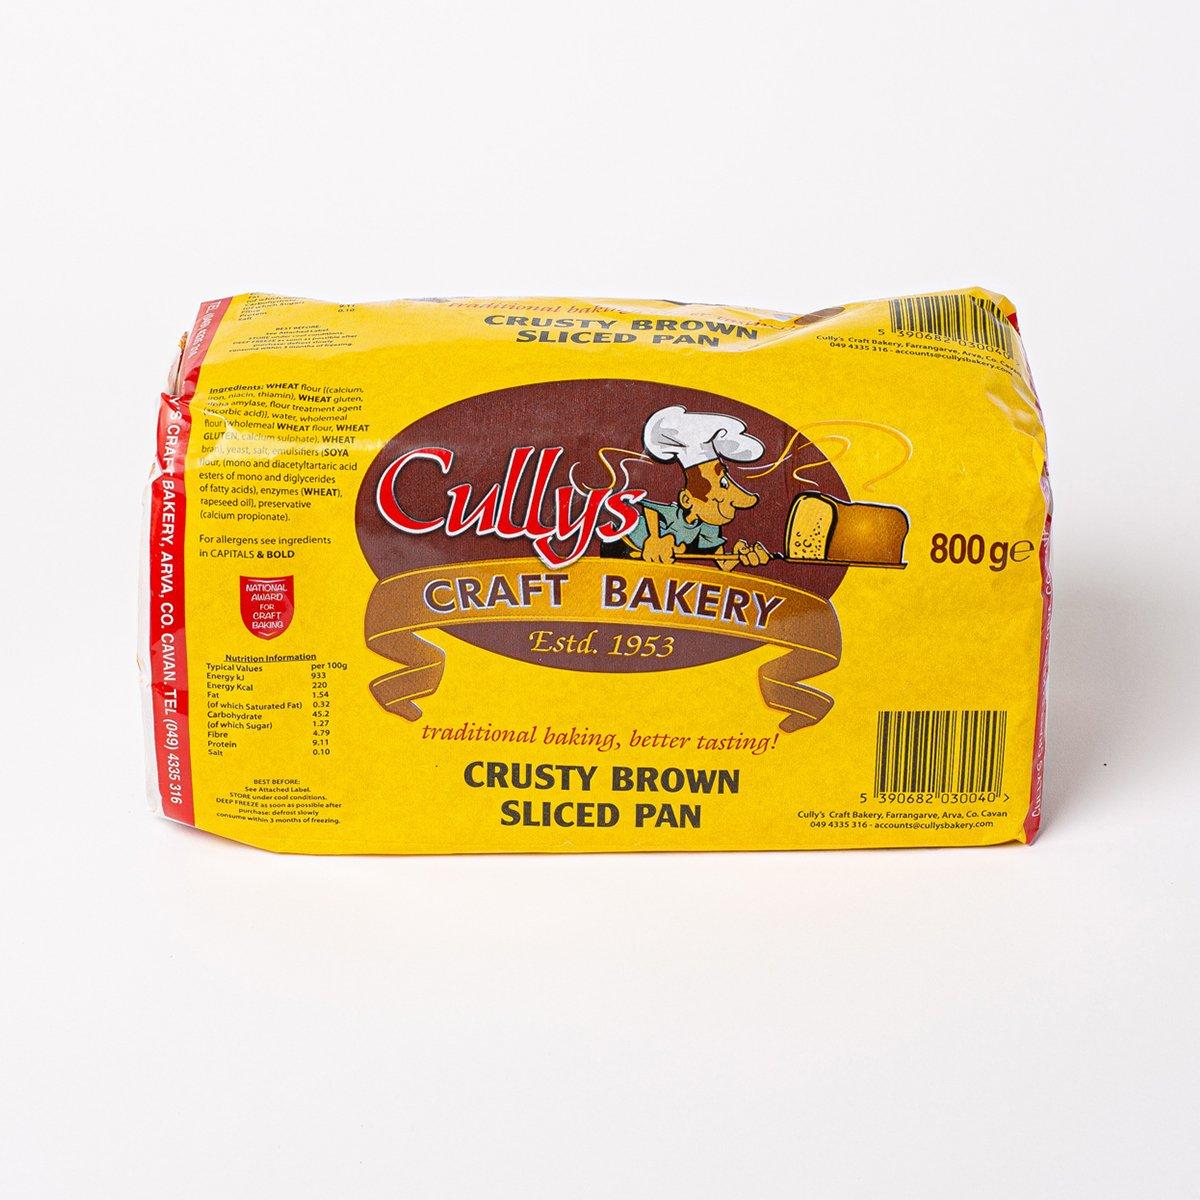 Crusty Brown Sliced Pan